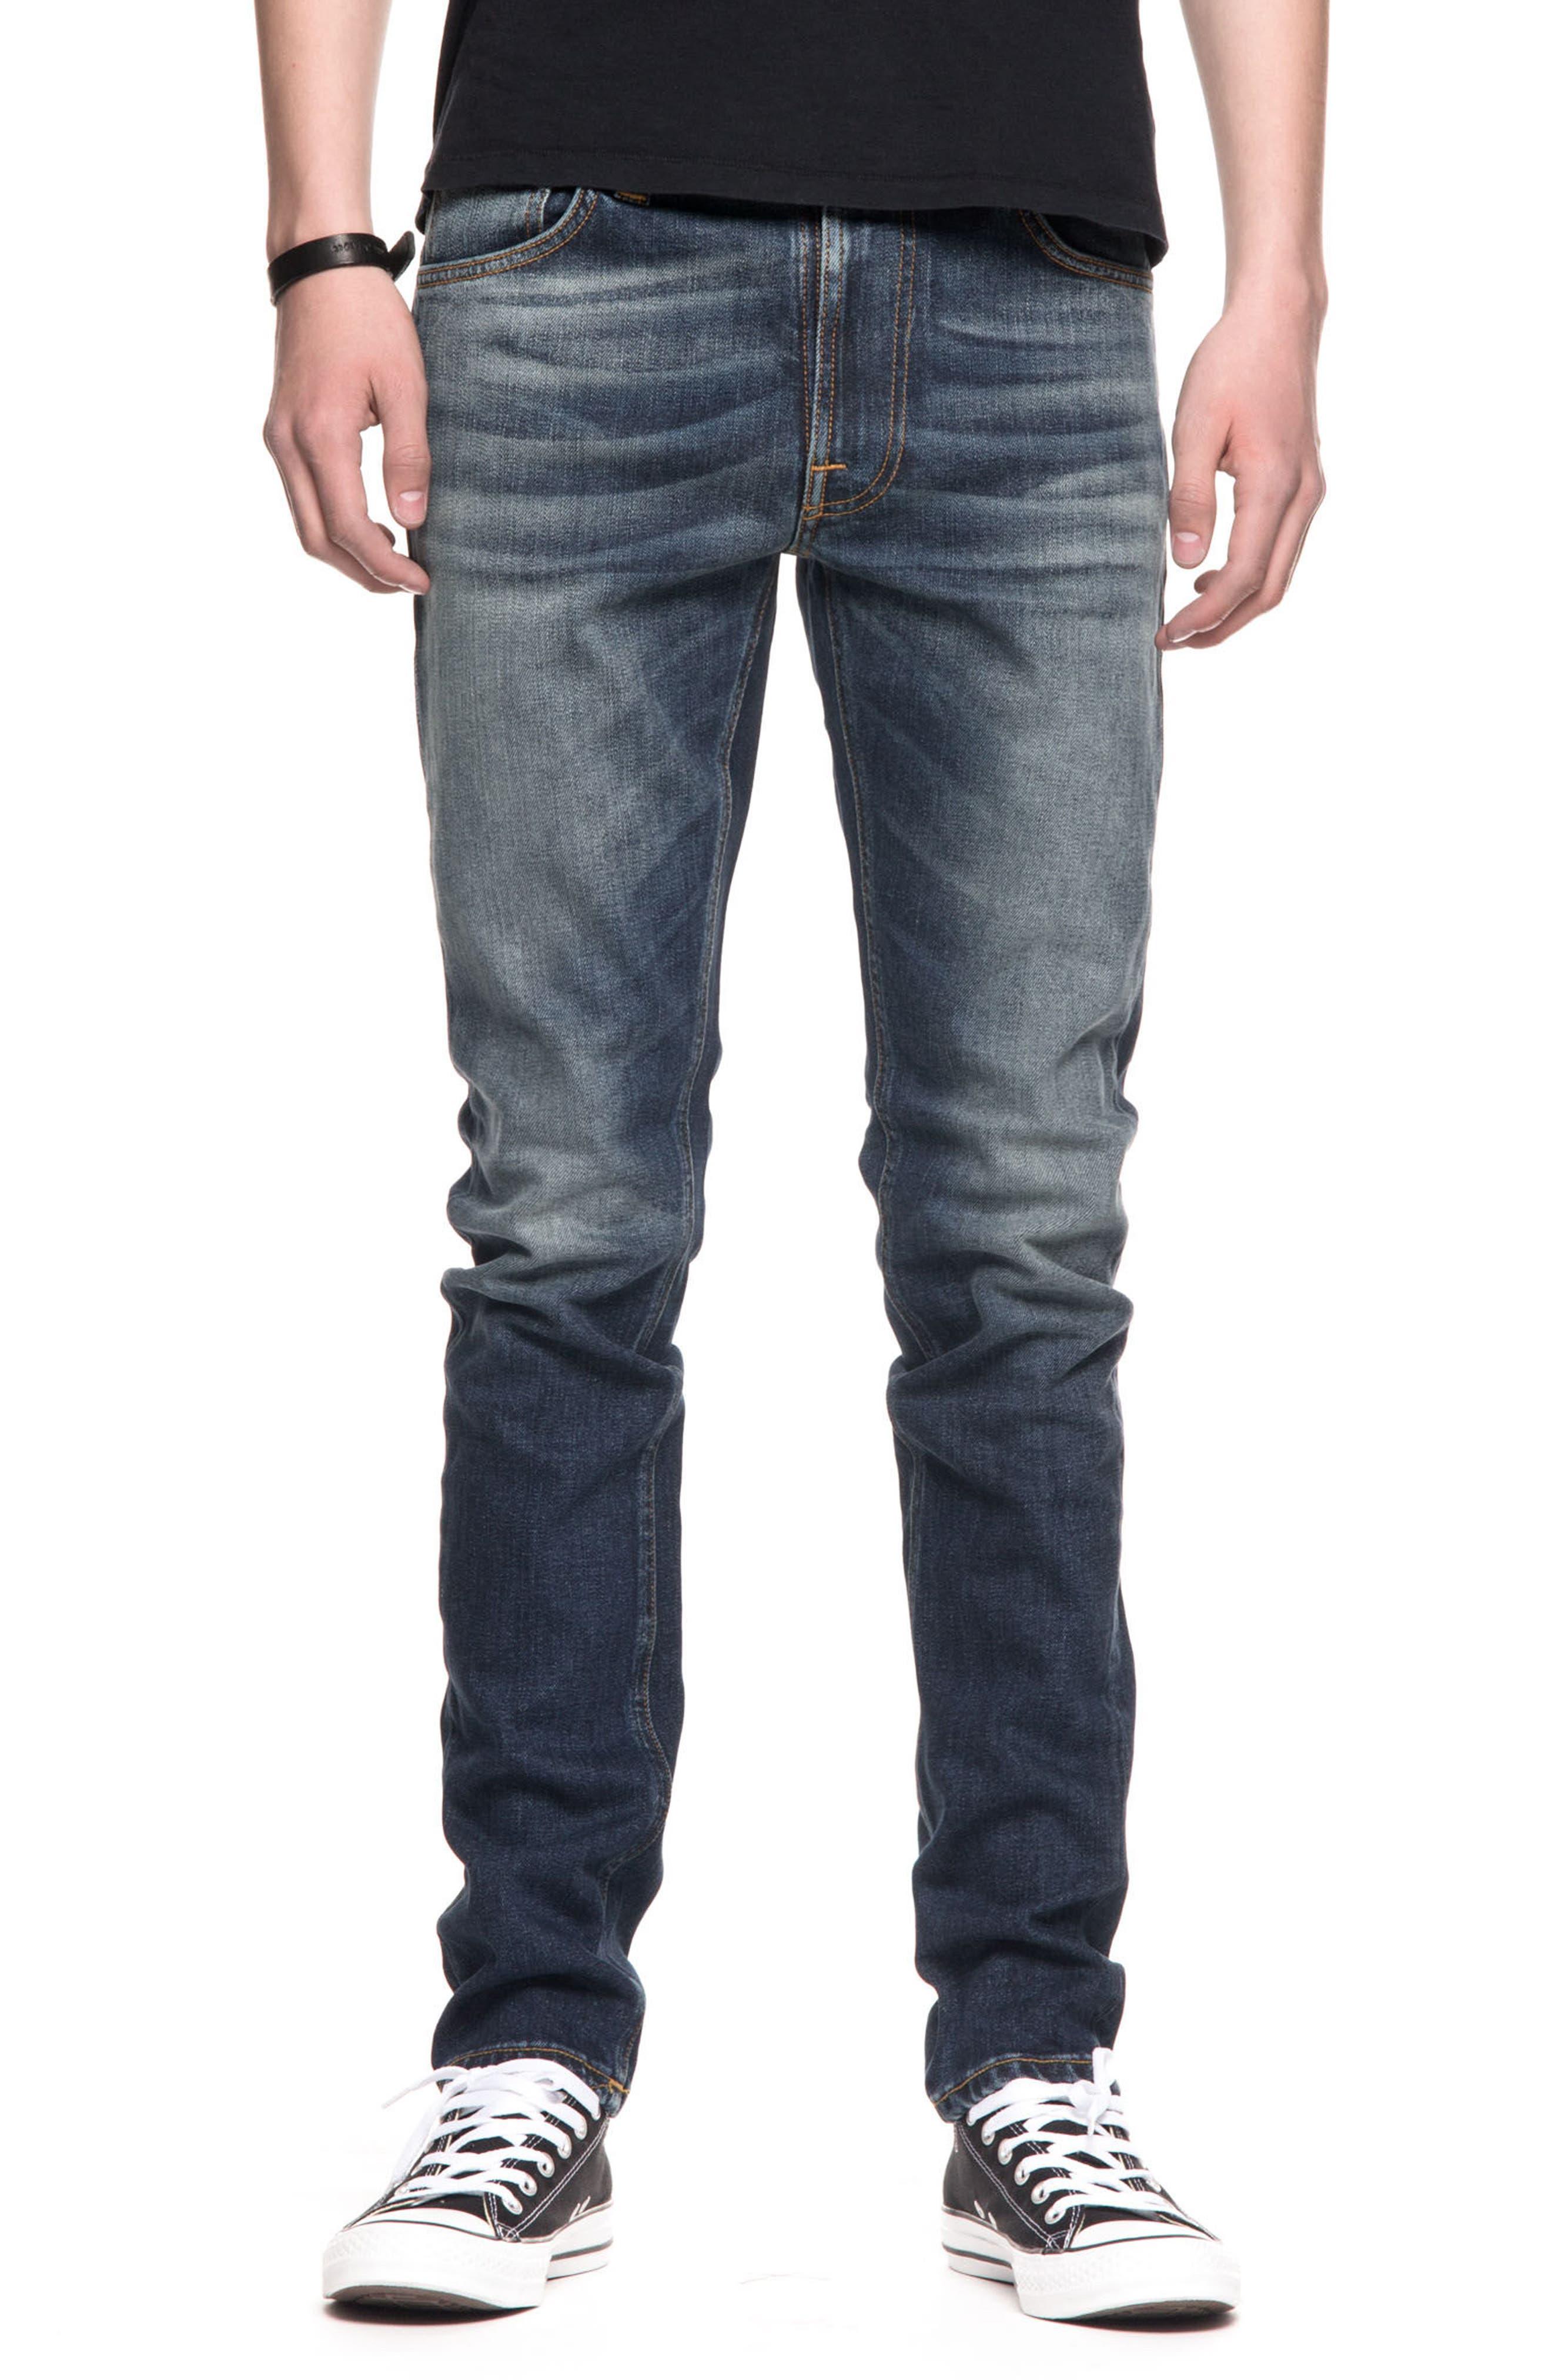 Nudie Jeans Lean Dean Slouchy Slim Fit Jeans (Crispy Bora)